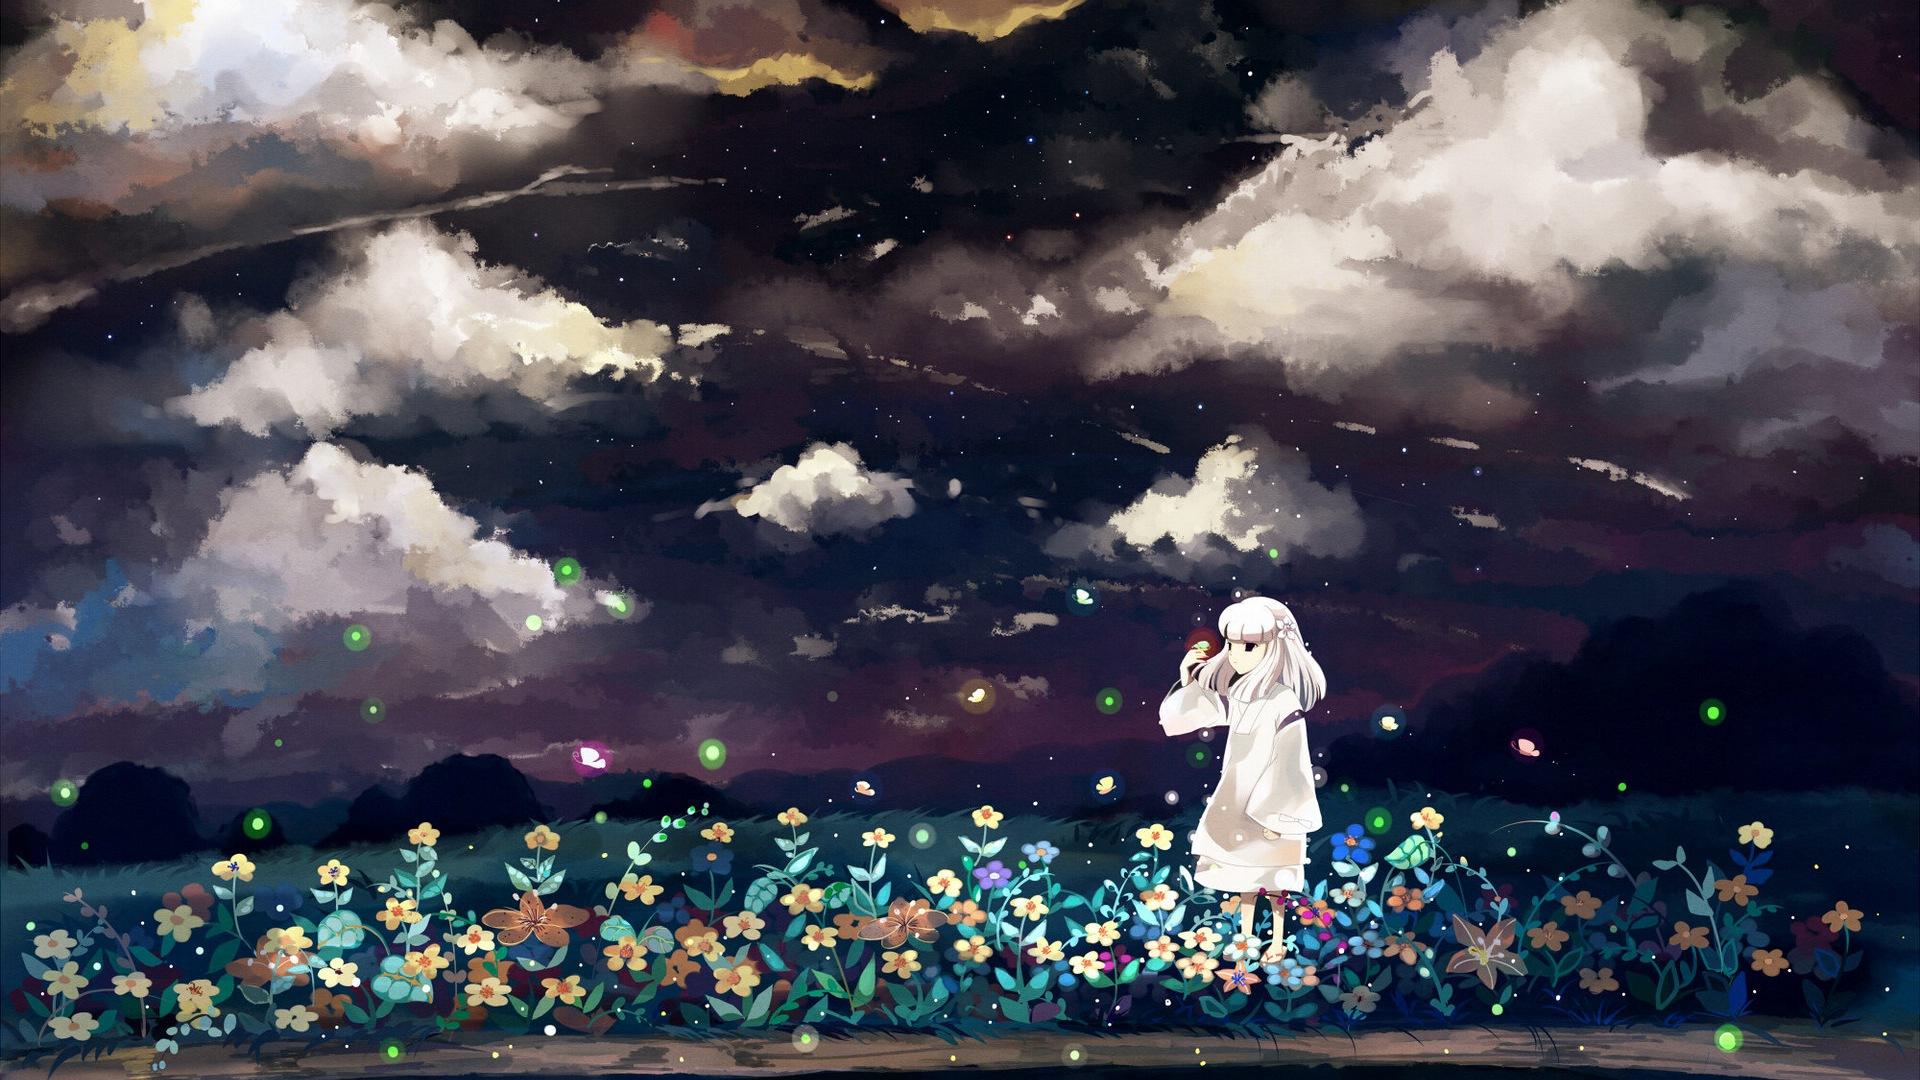 Firefly Summer beautiful anime wallpaper #9 - 1920x1080 Wallpaper